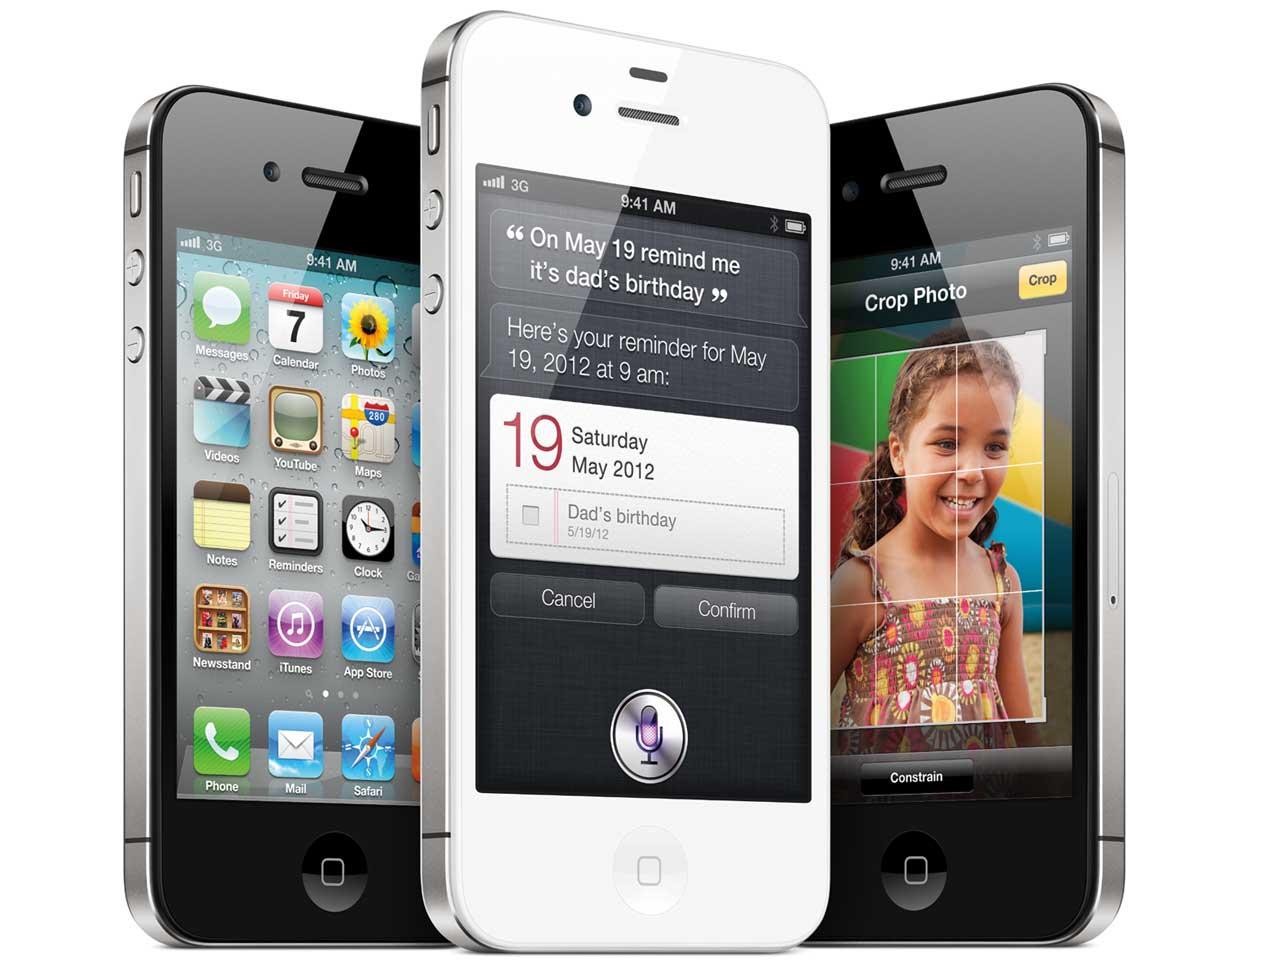 『カラーバリエーション』 iPhone 4S 16GB au [ホワイト] の製品画像